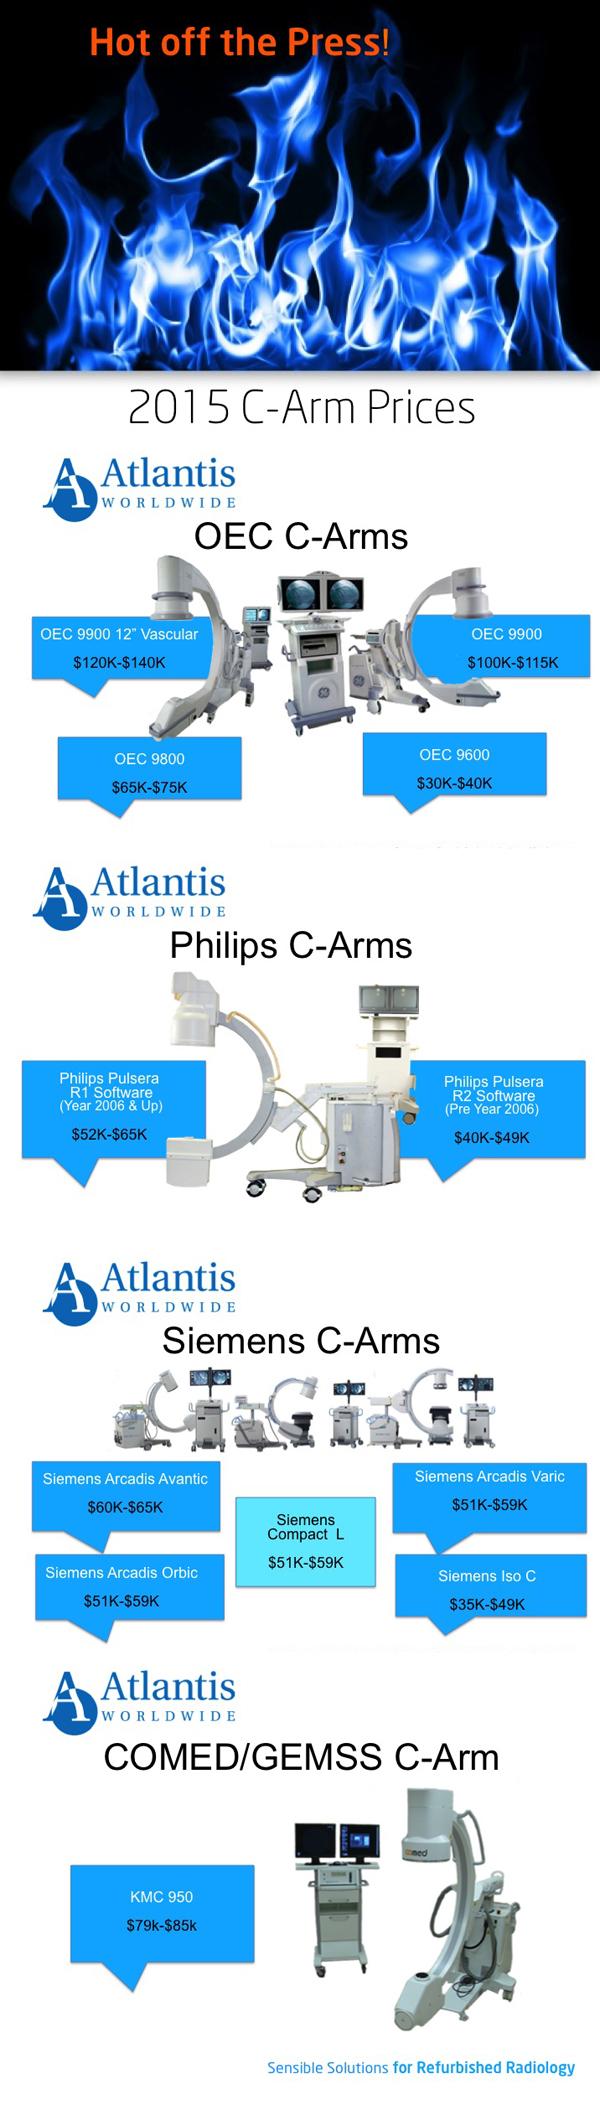 2015_C-Arm_Prices_infographic_